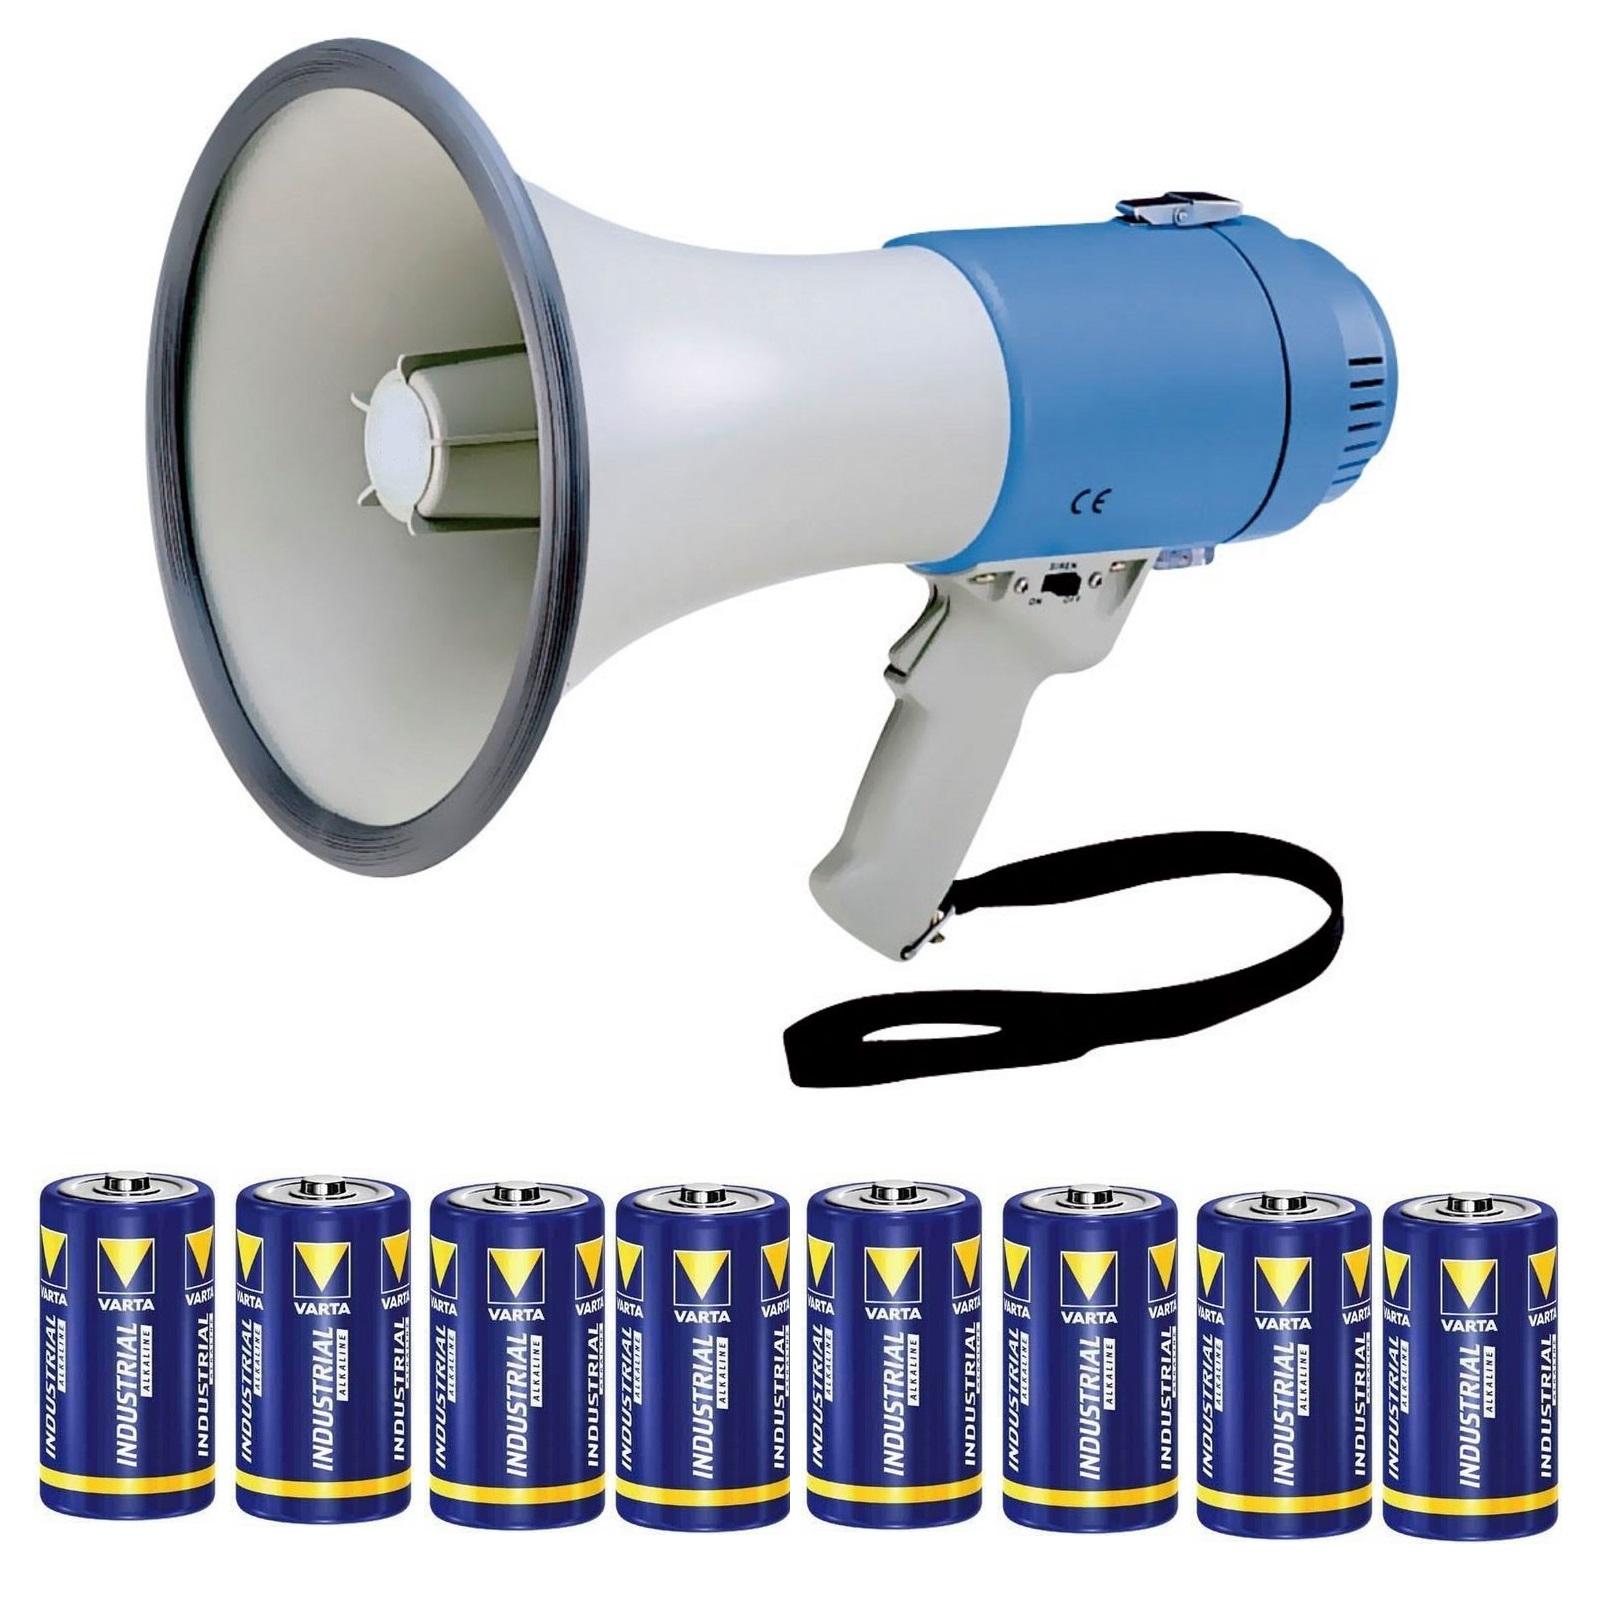 Megafoon 40 watt incl. sirenefunctie huren inclusief batterijen